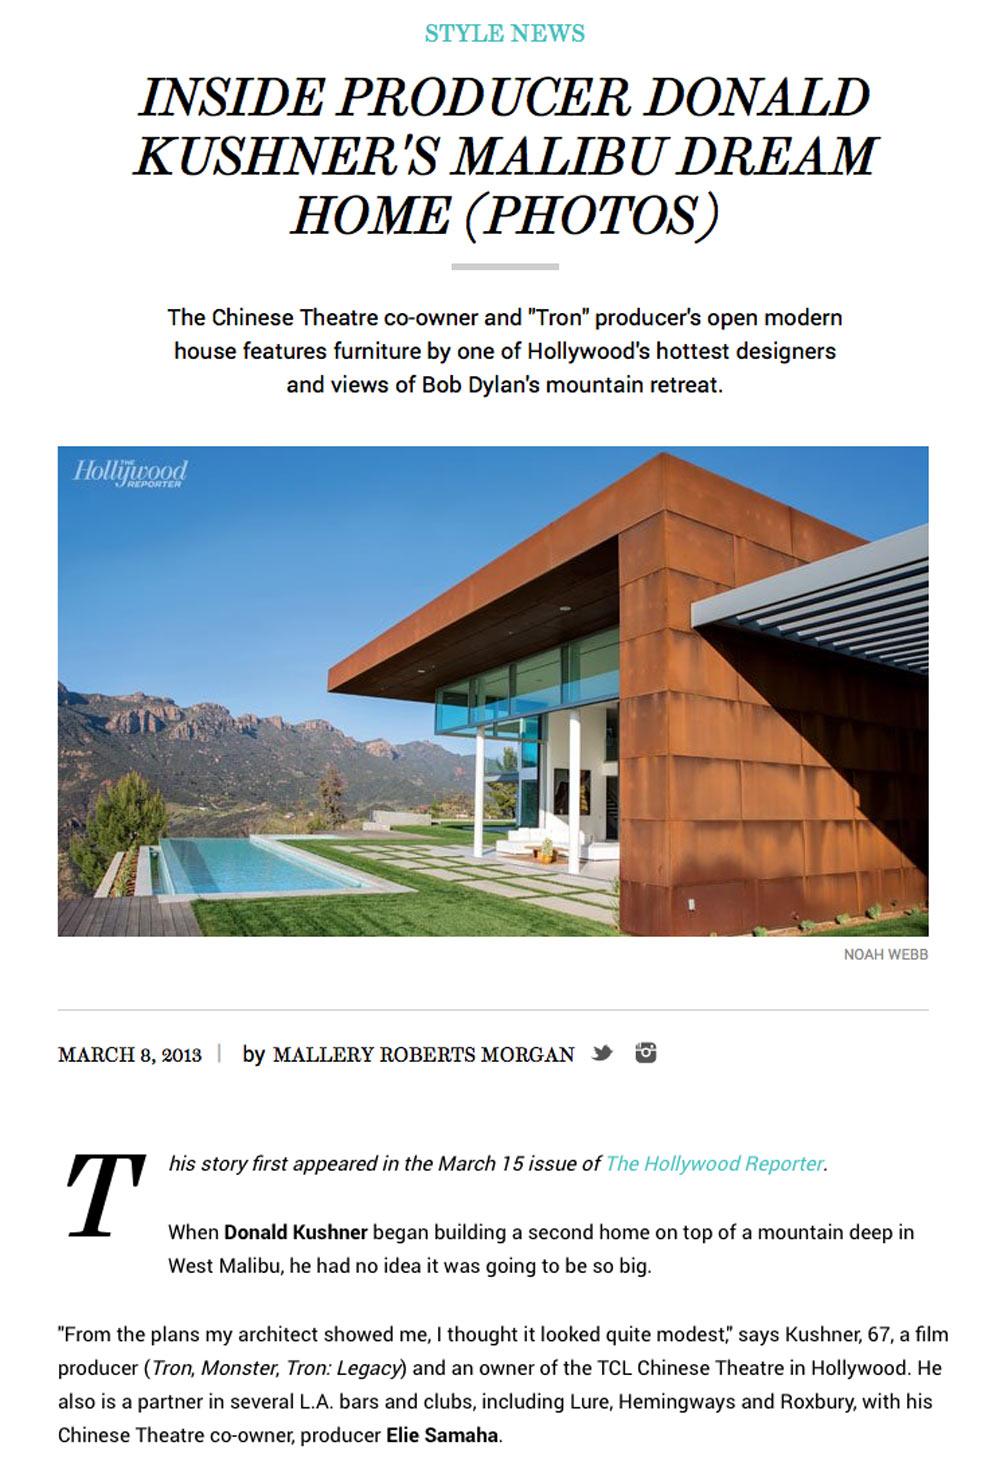 Donald-Kushnre's-Malibu-Dream-Home-Designed-by-Steven-Kent